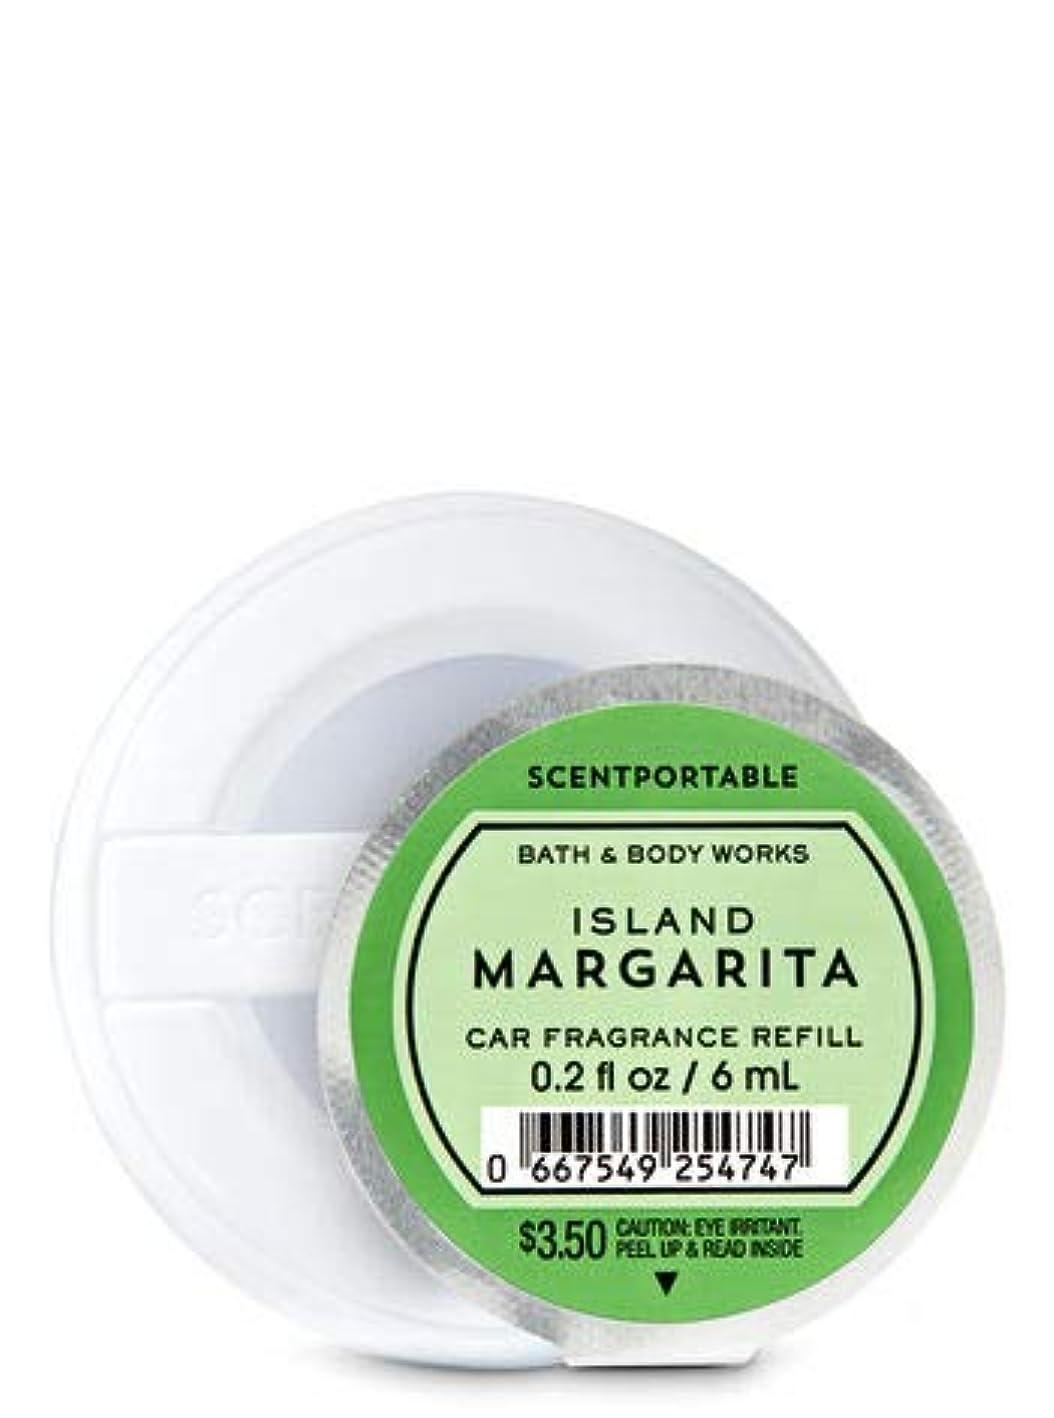 帝国主義突進いま【Bath&Body Works/バス&ボディワークス】 クリップ式芳香剤 セントポータブル詰替えリフィル アイランドマルガリータ Scentportable Fragrance Refill Island Margarita [並行輸入品]